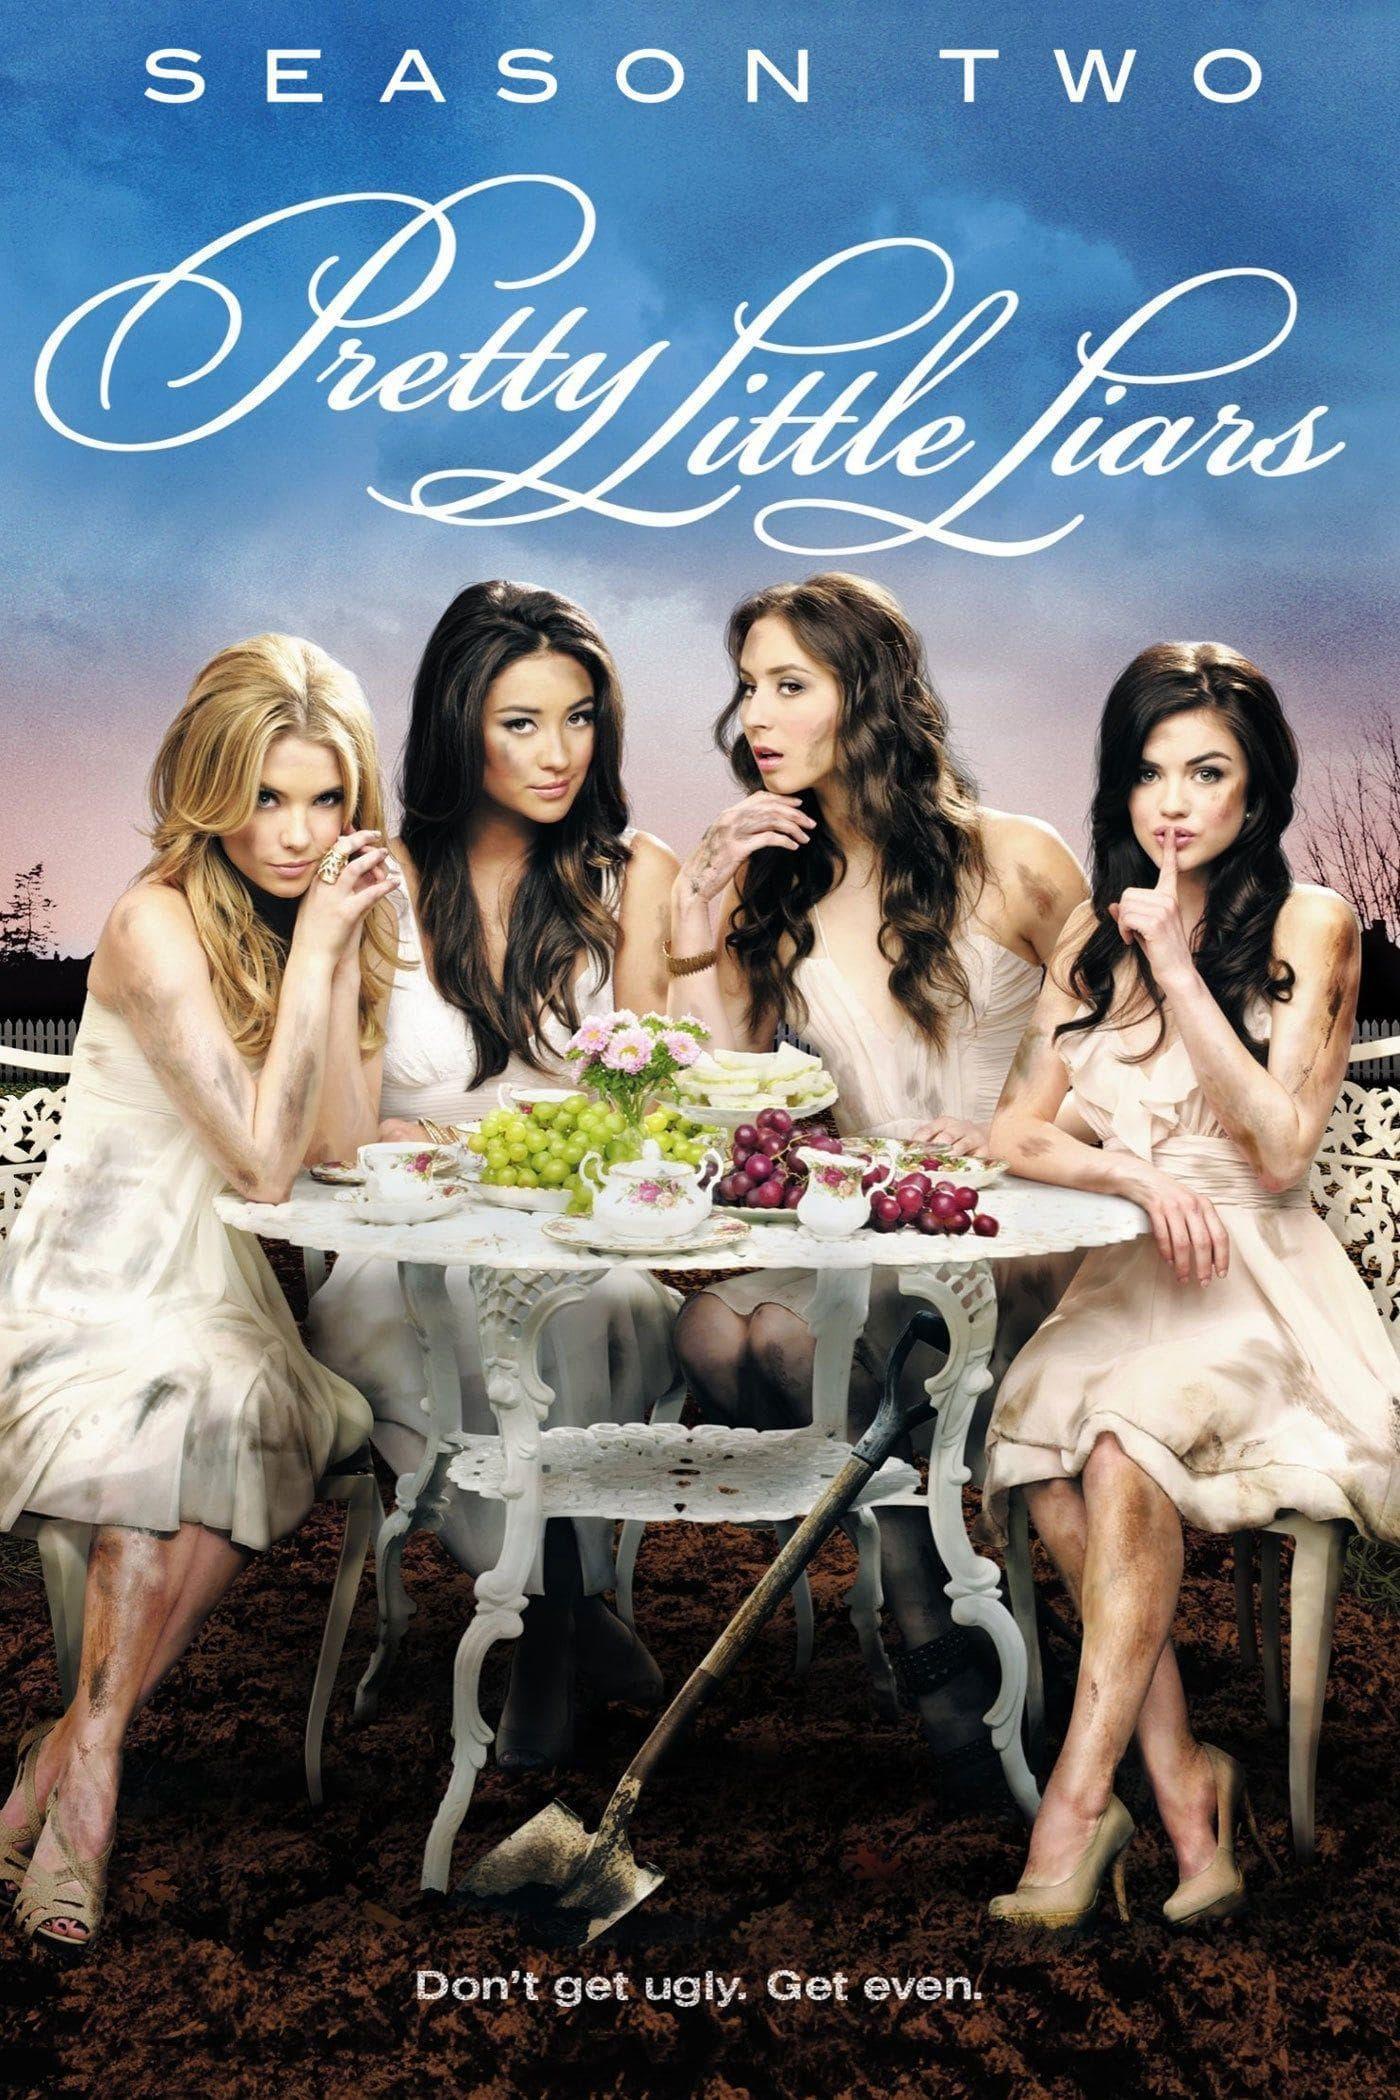 Image of Random Best Seasons of 'Pretty Little Liars'